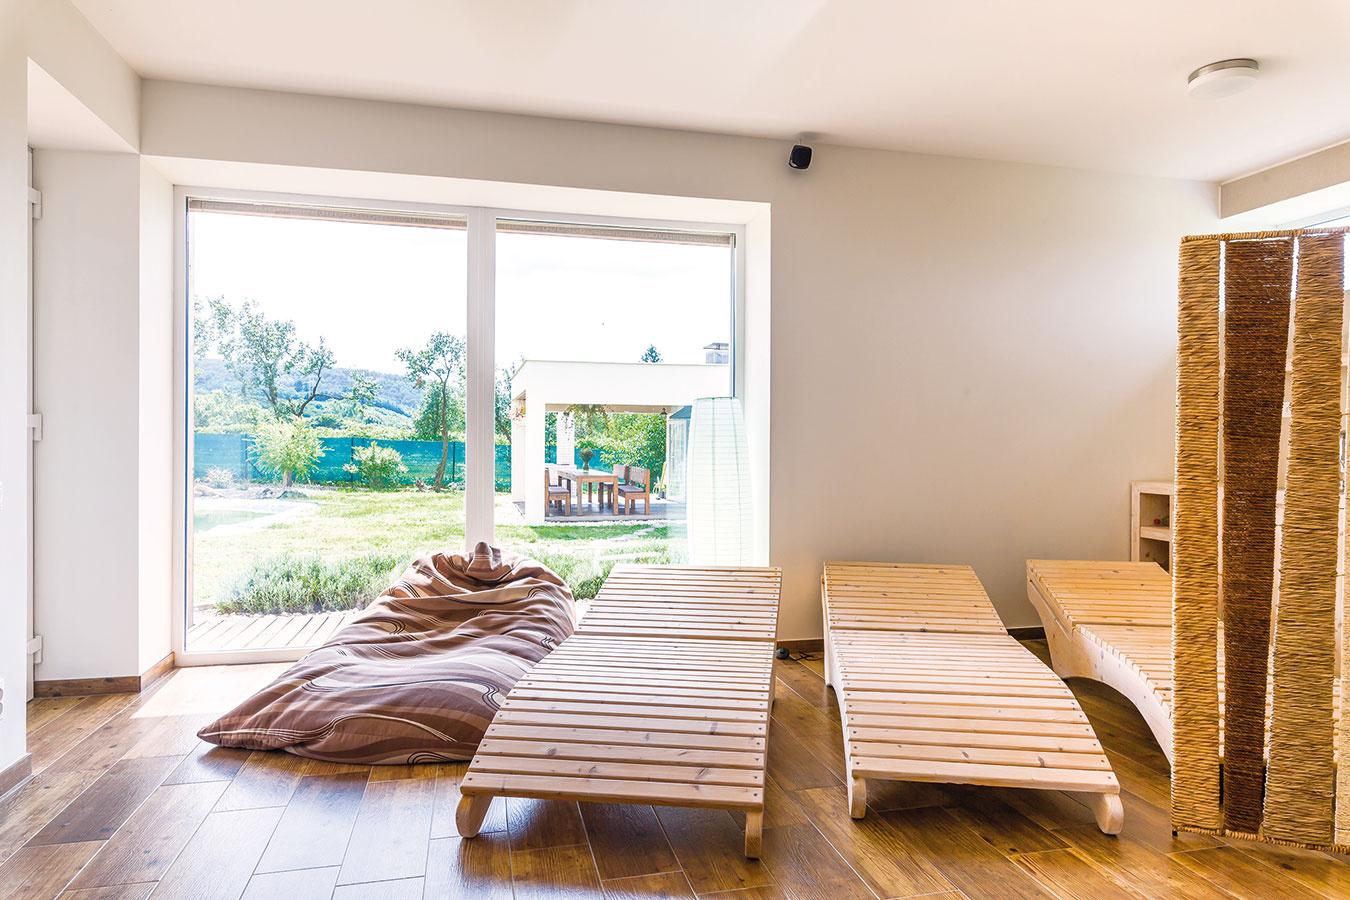 """Z wellness miestnosti sa rovnako ako zostatných izieb vdome dá vyjsť posuvnými dverami na terasu ado záhrady. Saunu domáci využívajú pravidelne po celú zimu. """"Je to úžasný relax, navyše je človek vďaka tomu menej chorý,"""" hovorí domáca pani."""